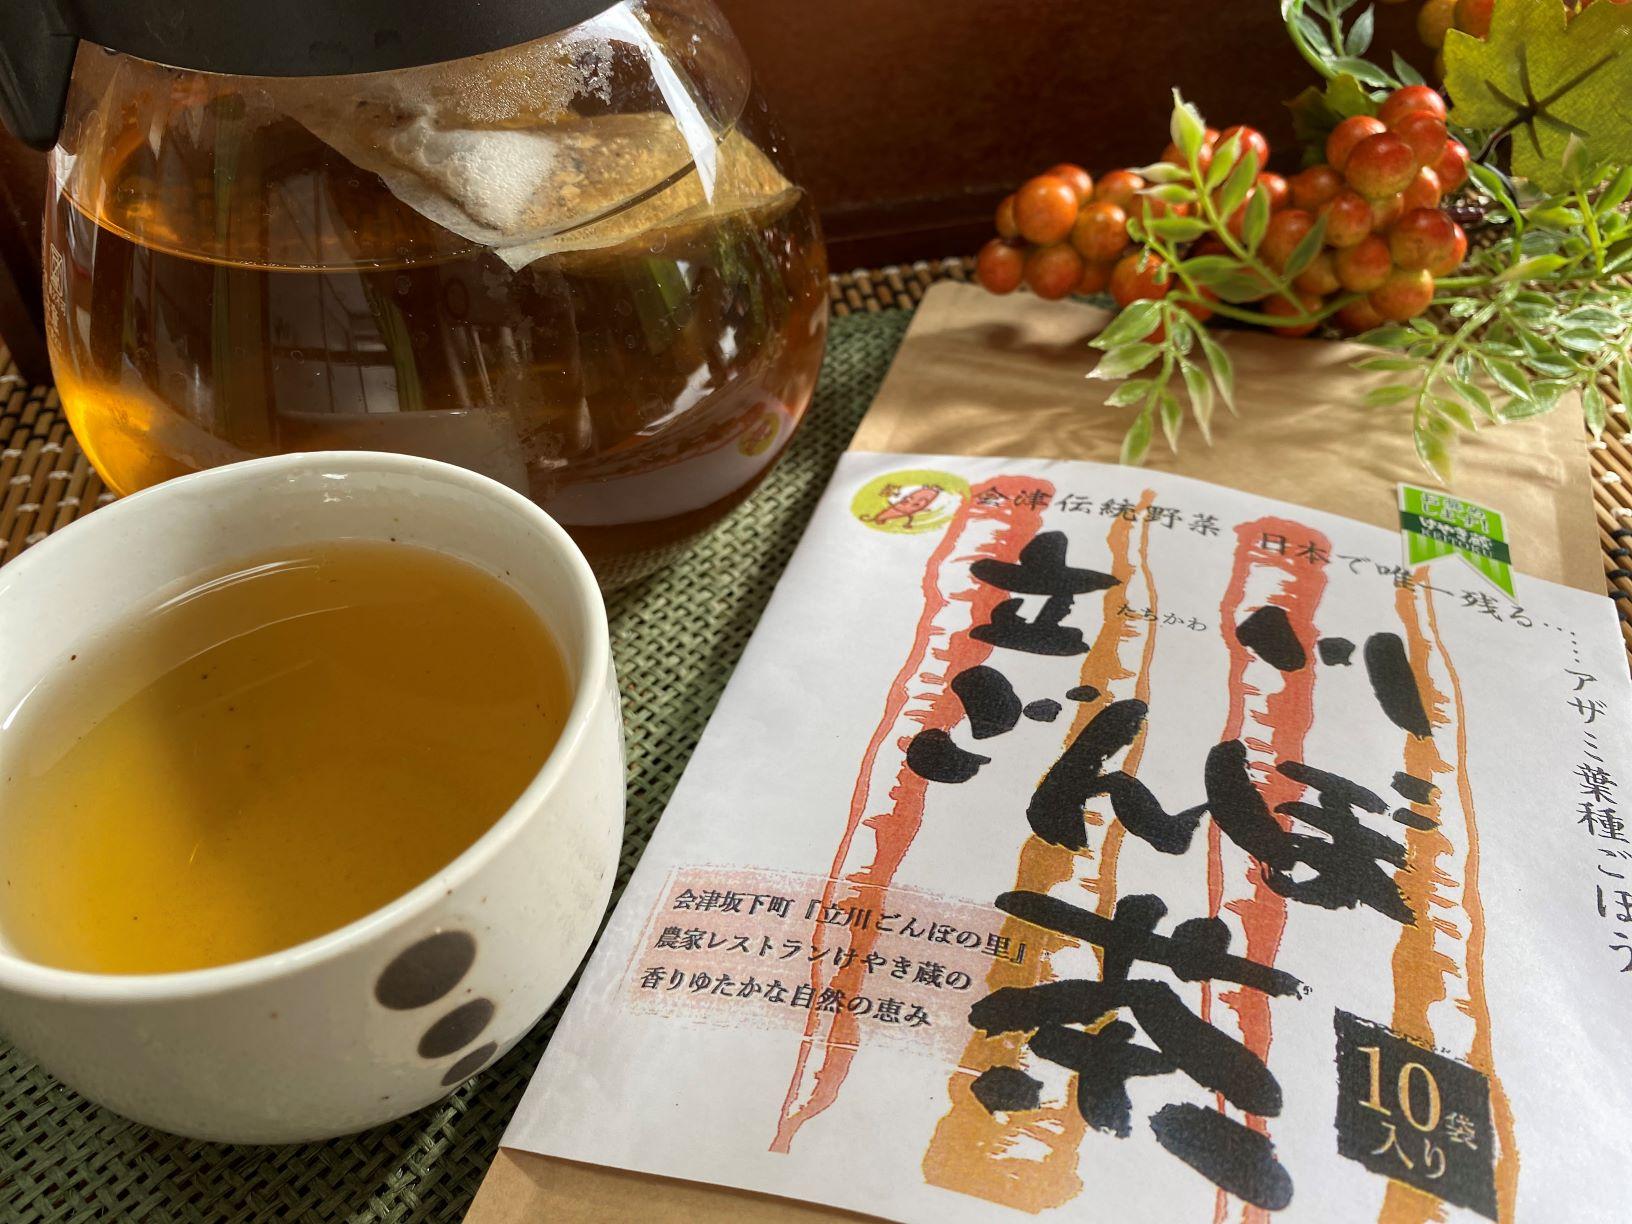 ★単品★ 『立川ごんぼ茶』日本で唯一のアザミ葉種!食物繊維豊富でお通じ改善!